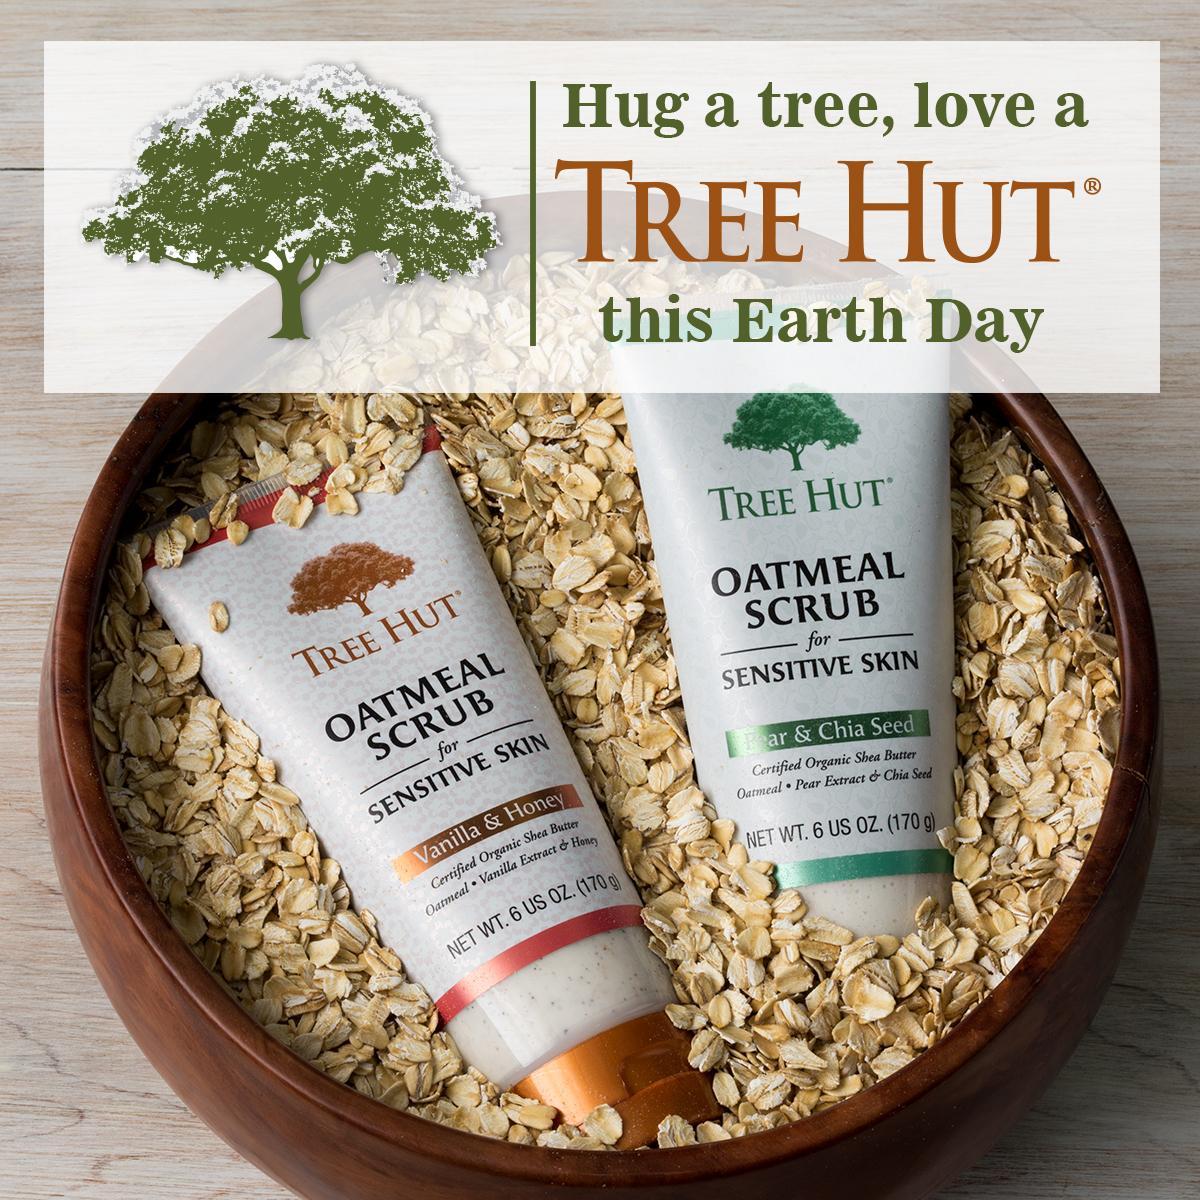 Happy Earth Day! Love & Hugs, Tree Hut http://t.co/sDgQlJEIFx